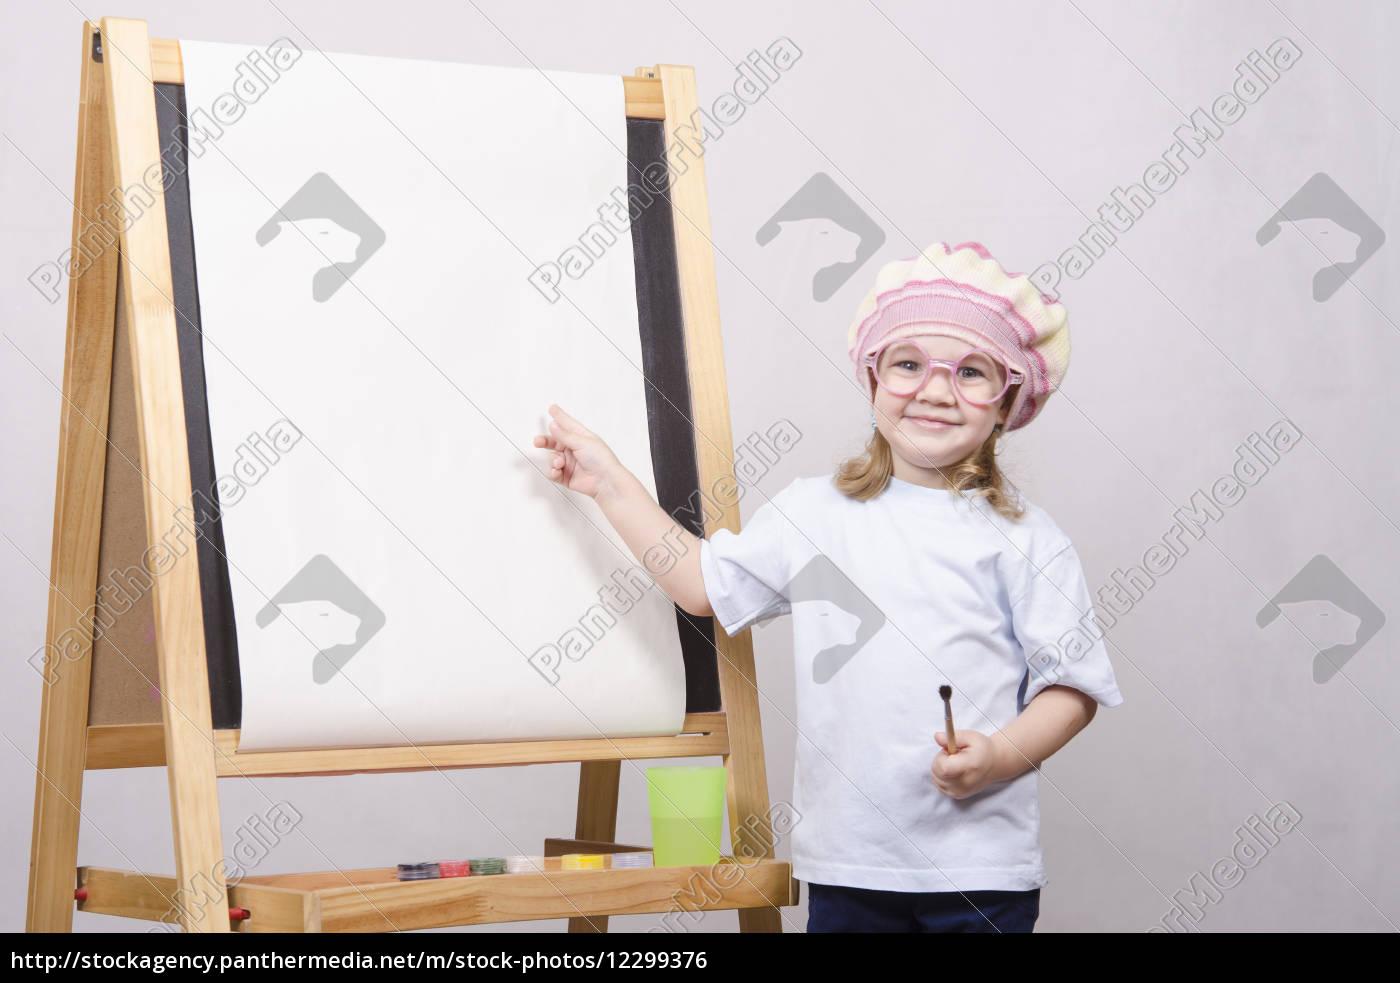 Mädchen Künstler Malt Auf Leinwand Lizenzfreies Foto 12299376